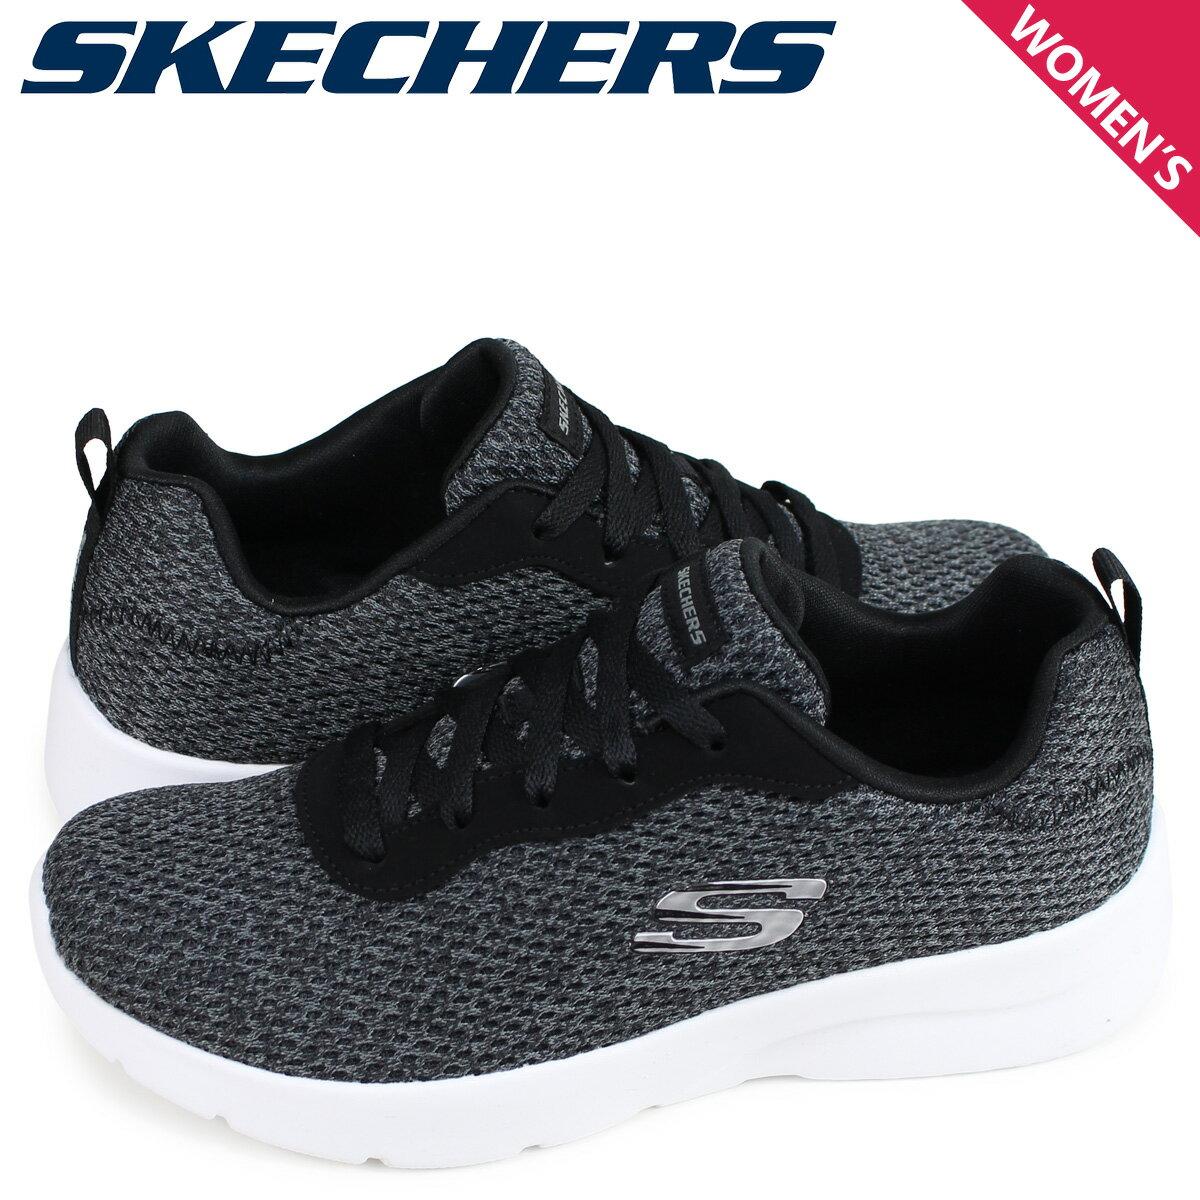 レディース靴, スニーカー 1000OFF SKECHERS DYNAMIGHT 2.0 QUICK CONCEPT 12966